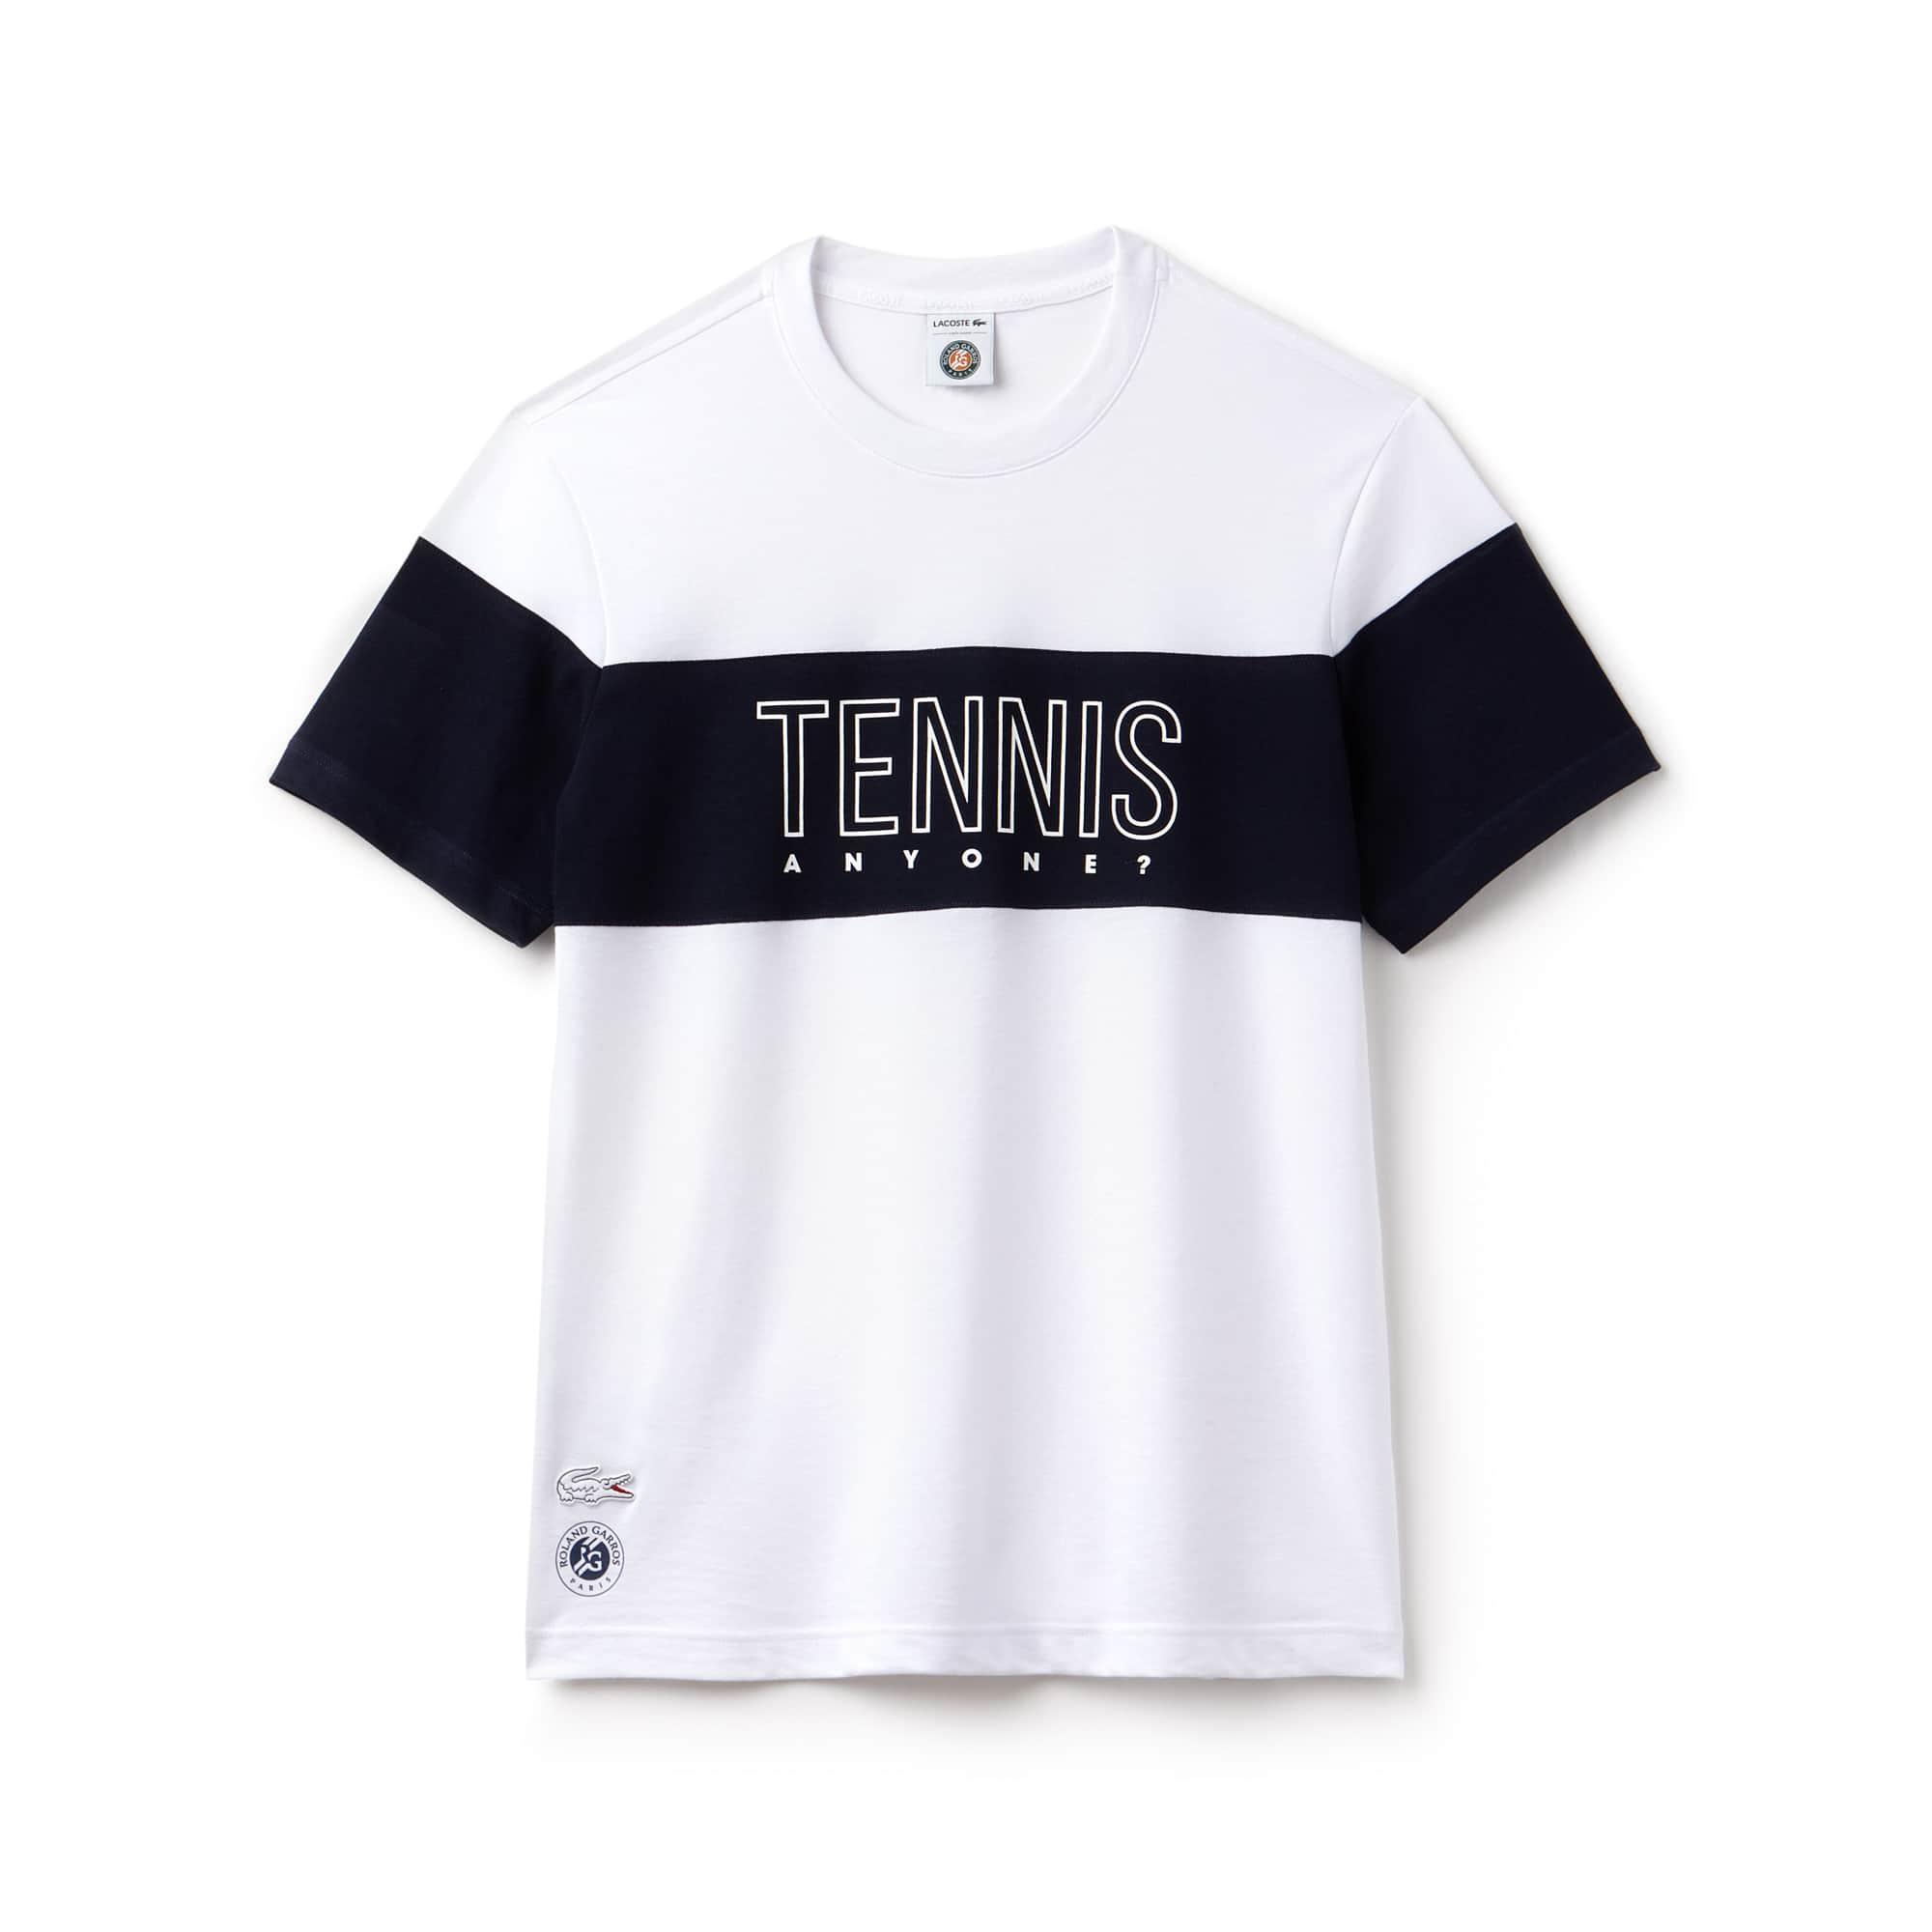 T-shirt Lacoste SPORT in jersey tecnico Edizione Roland Garros